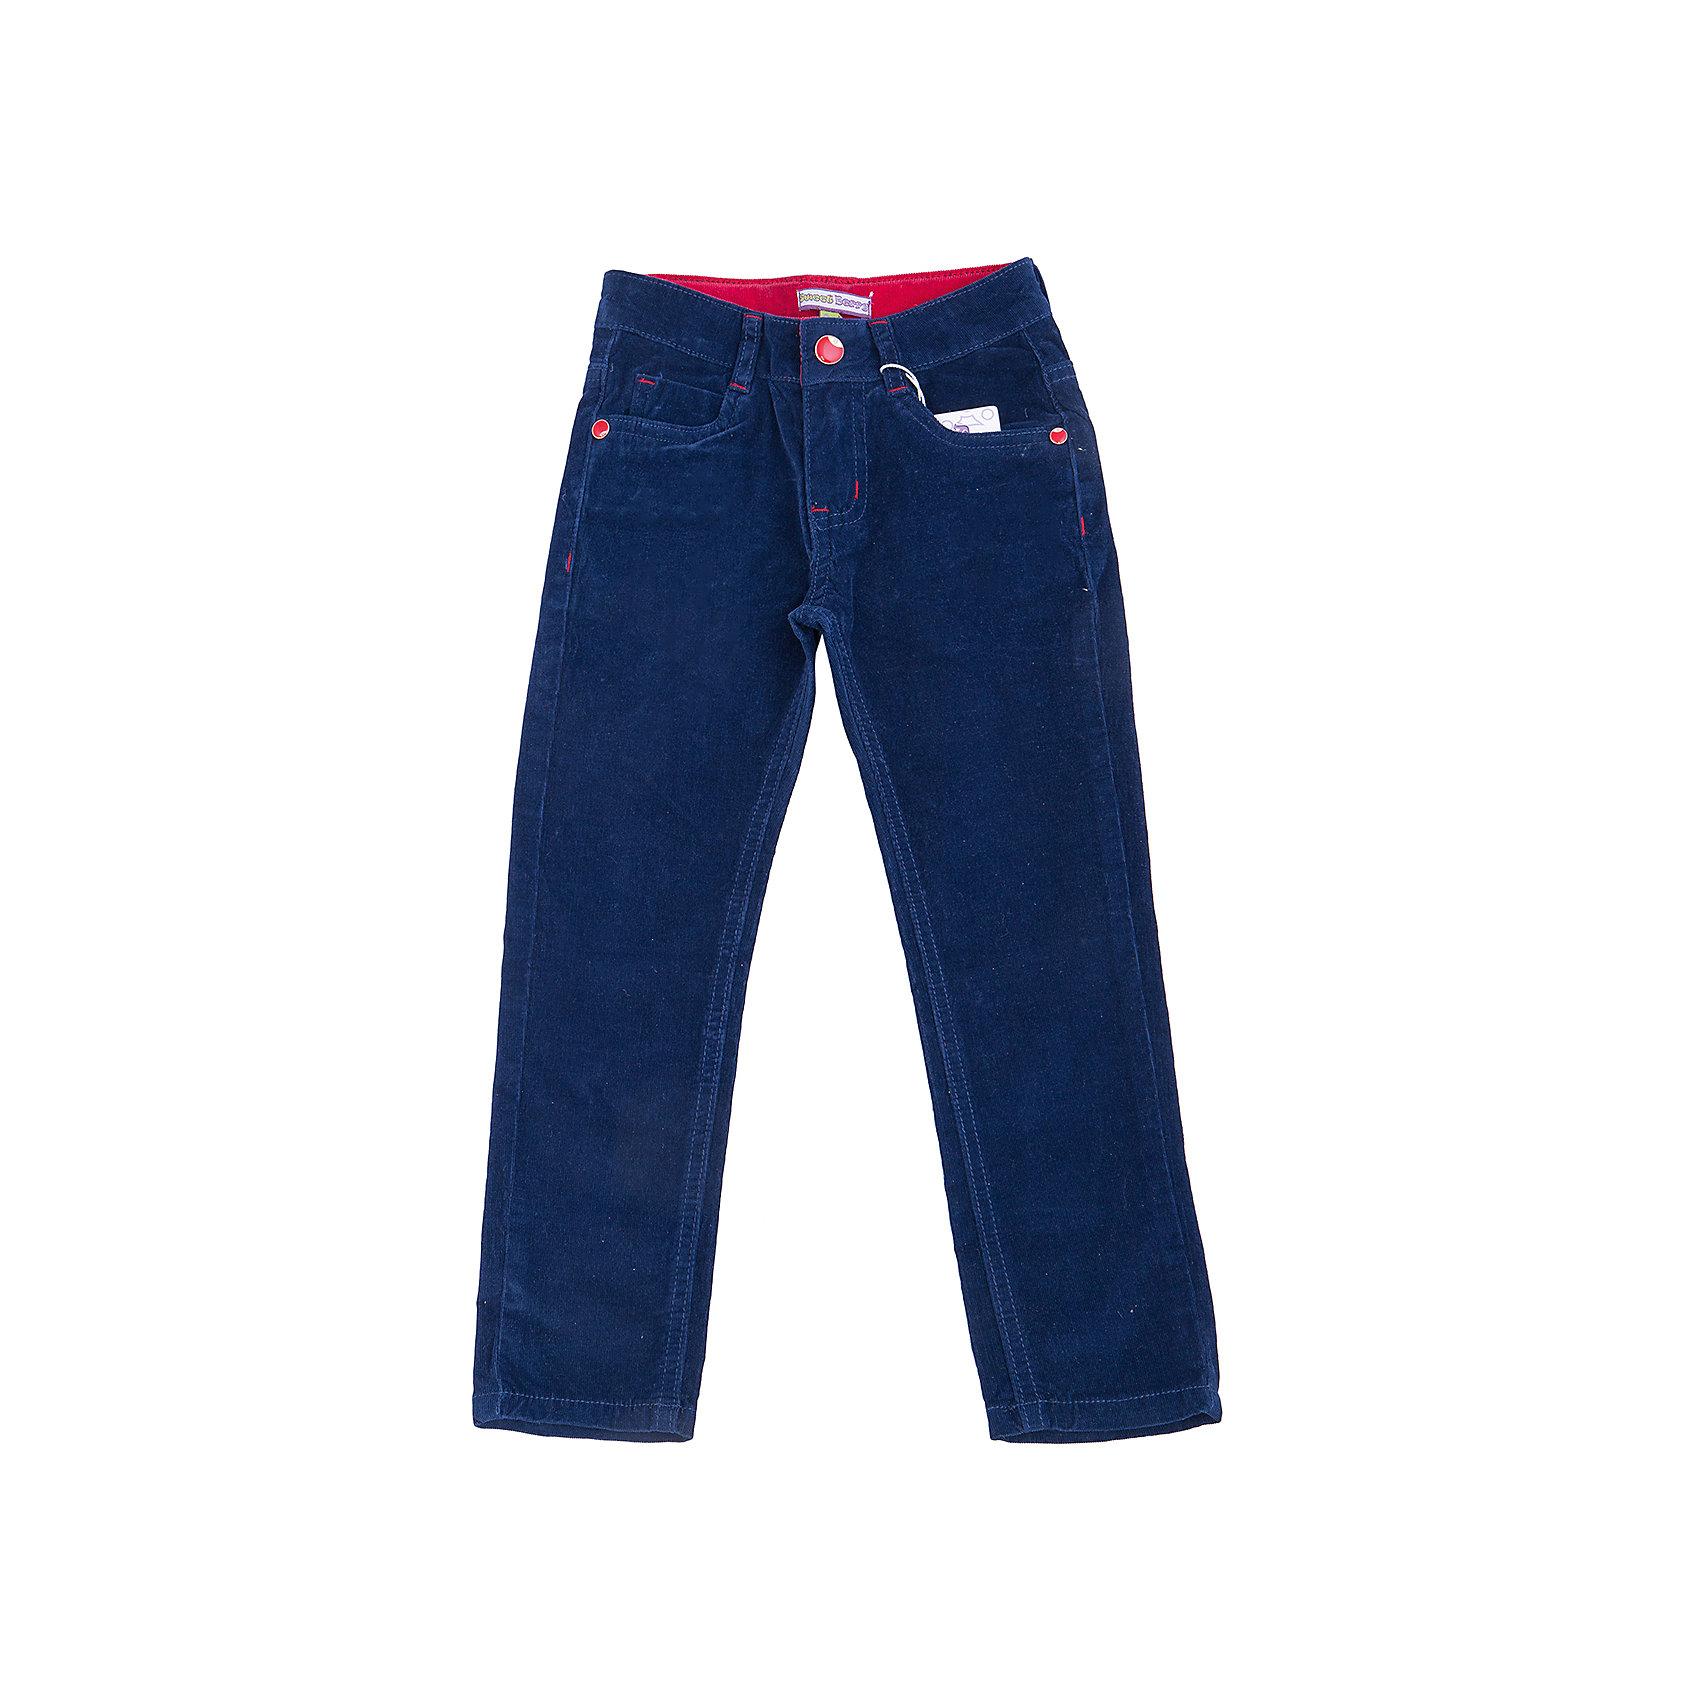 Брюки для девочки Sweet BerryПлотные однотонные темно-синие вельветовые брюки для девочки торговой марки Sweet Berry идеально подойдут вашей девочке для отдыха и прогулок. Изготовленные из эластичного хлопка, они необычайно мягкие и приятные на ощупь, не сковывают движения и позволяют коже дышать, не раздражают нежную и чувствительную кожу ребенка, обеспечивая ему  комфорт. Брюки прямого покроя на талии застегиваются на металлическую пуговицу и имеют ширинку на застежке-молнии и шлевки для ремня. С внутренней стороны пояс регулируется эластичной резинкой на пуговицах. Спереди предусмотрены два втачных кармана и маленький накладной кармашек, а сзади - два накладных кармана. Оформлено изделие нашивкой, фигурными прострочками и металлическими клепками . Современный дизайн и расцветка делают эти брюки модным и стильным предметом детского гардероба. В них ваша маленькая модница всегда будет в центре внимания!<br>Инструкция по уходу: стирка при температуре до 30°C, гладить при низкой температуре, не отбеливать, химчистка запрещена.<br><br> Дополнительная информация:<br><br>- комплектация : брюки для девочек<br>- материал : 98% хлопок, 2% эластан<br>- коллекция: осень-зима 2016<br>- сезон: зима<br>- пол: для девочек<br>- возраст: детский<br>- цвет: темно-синий. <br>- размер упаковки (дхшхв), 25 * 20 * 5 см<br>- вес в упаковке, 265 г<br><br>Брюки для девочки торговой марки Sweet Berry можно купить в нашем интернет-магазине<br><br>Ширина мм: 215<br>Глубина мм: 88<br>Высота мм: 191<br>Вес г: 336<br>Цвет: синий<br>Возраст от месяцев: 24<br>Возраст до месяцев: 36<br>Пол: Женский<br>Возраст: Детский<br>Размер: 98,104,110,116,122,128<br>SKU: 4929408